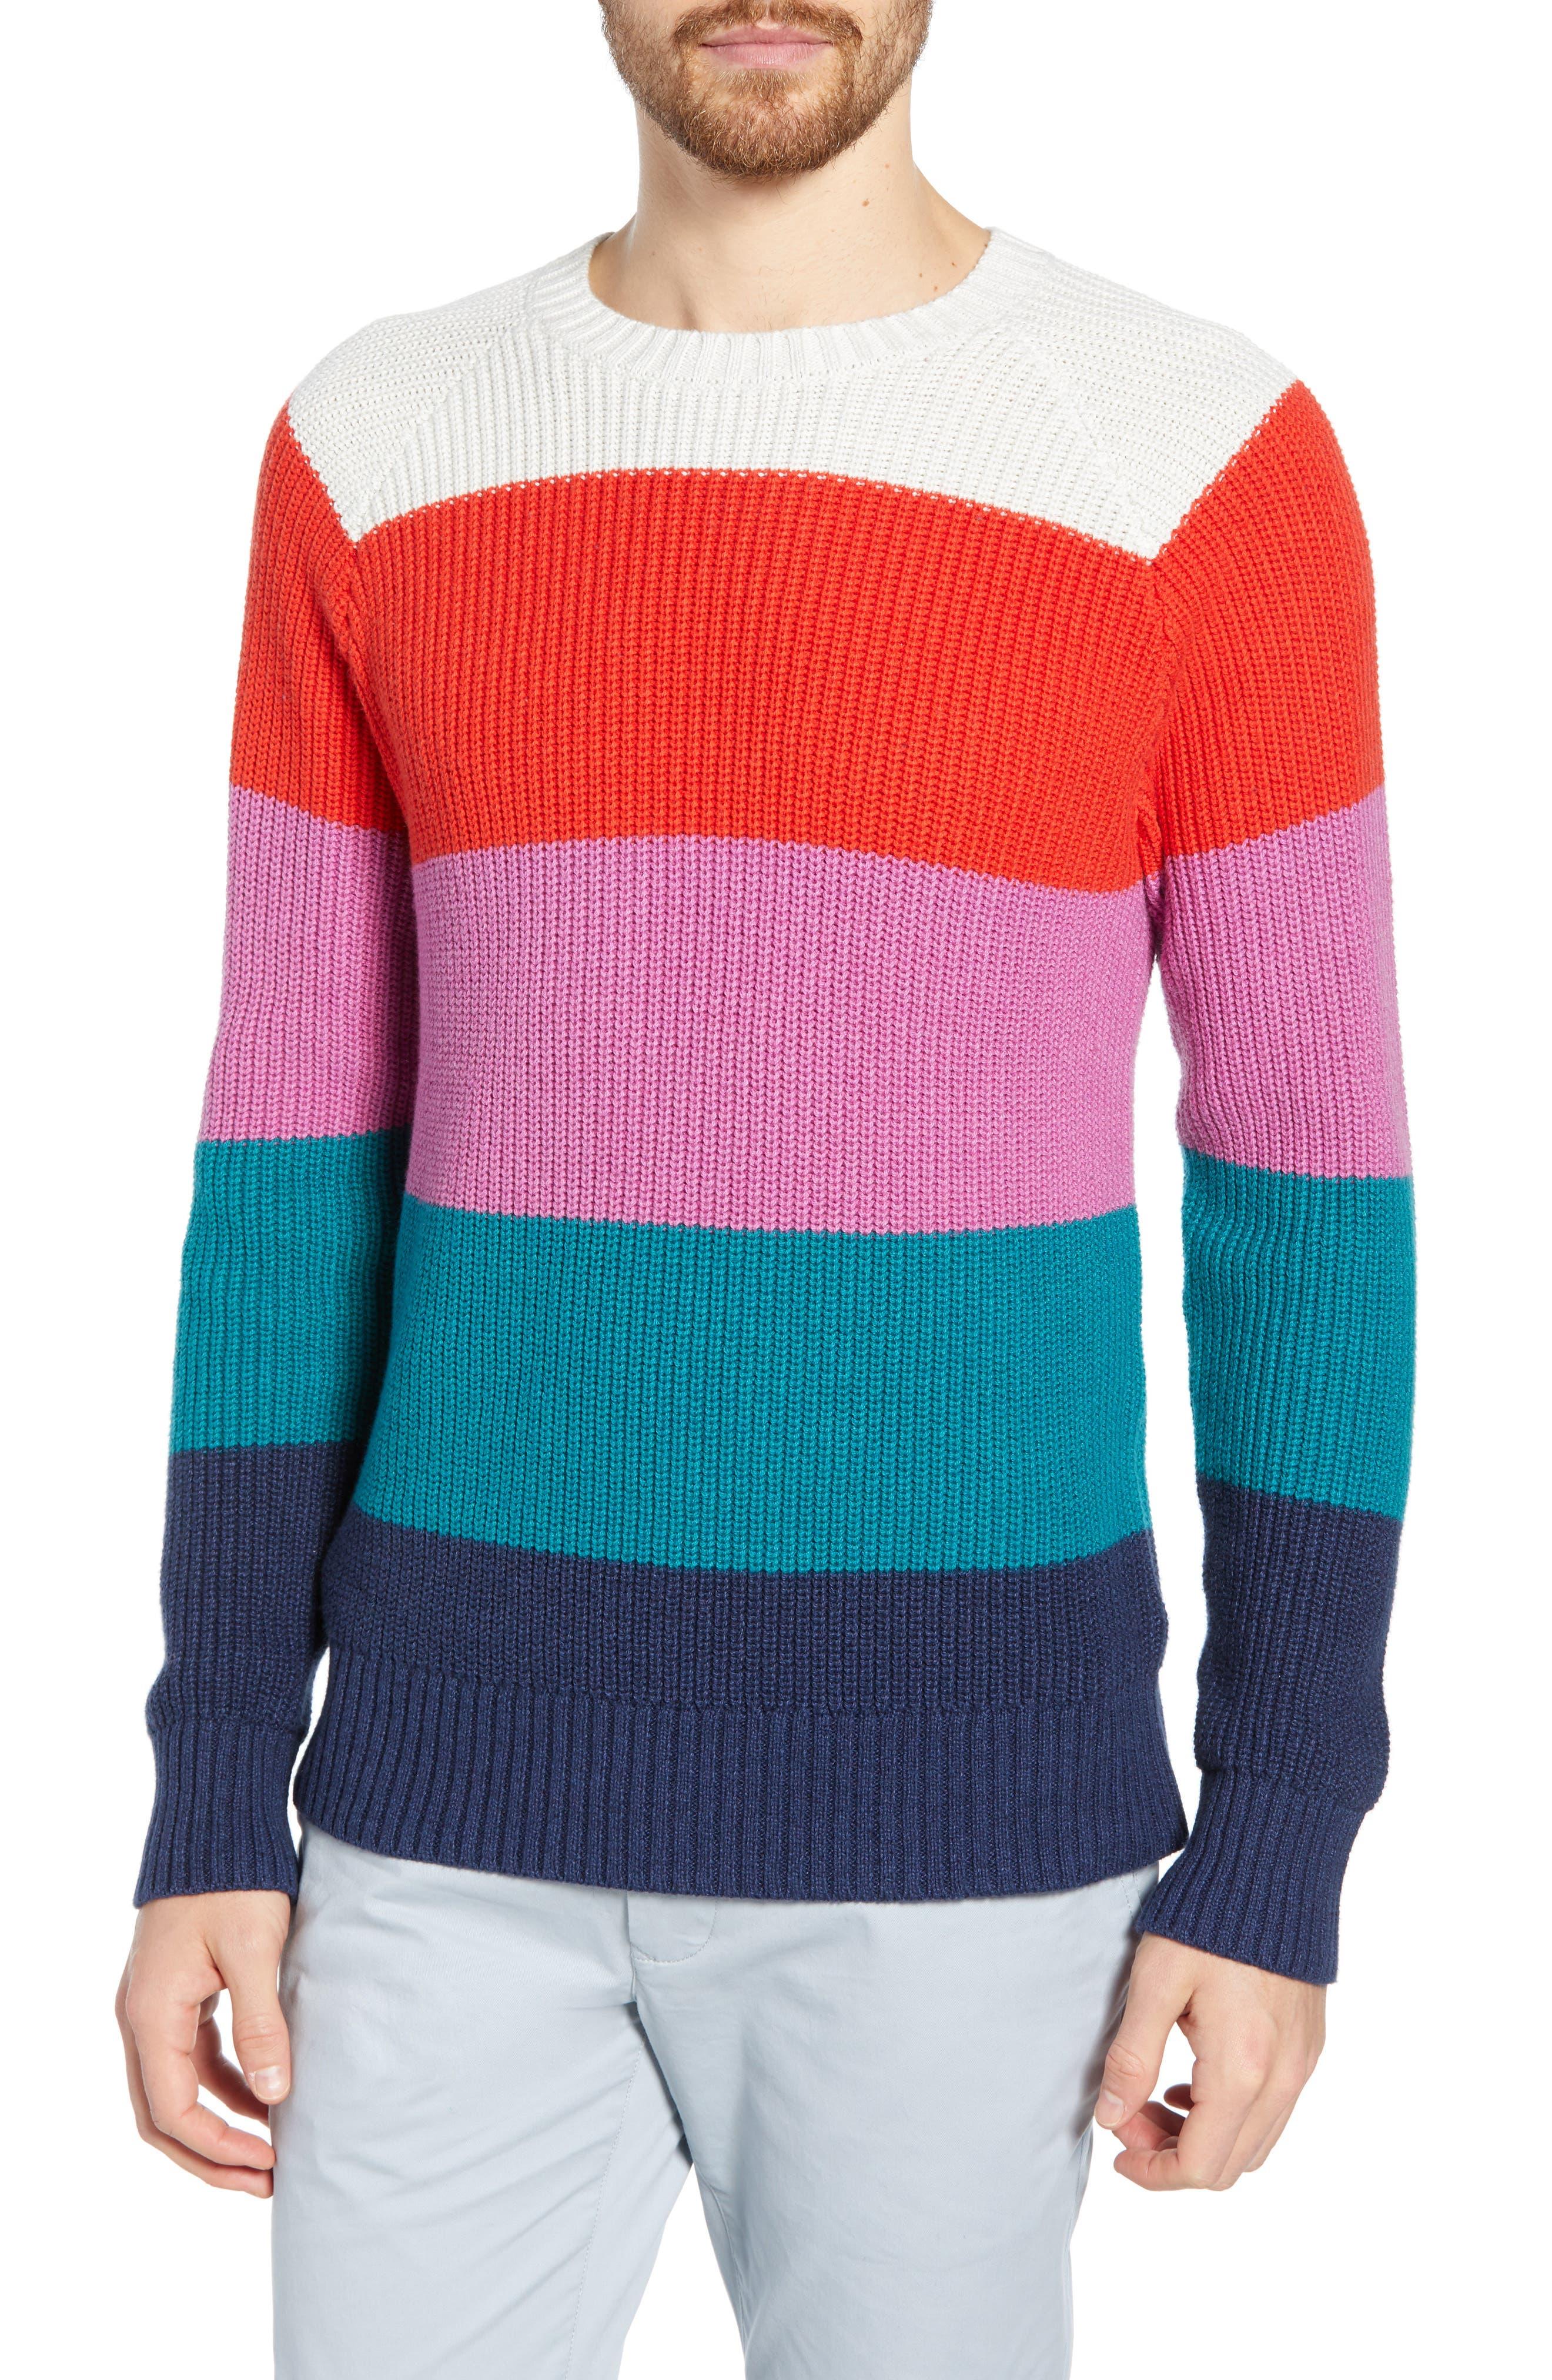 Bonobos Slim Fit Cotton & Cashmere Sweater, Blue